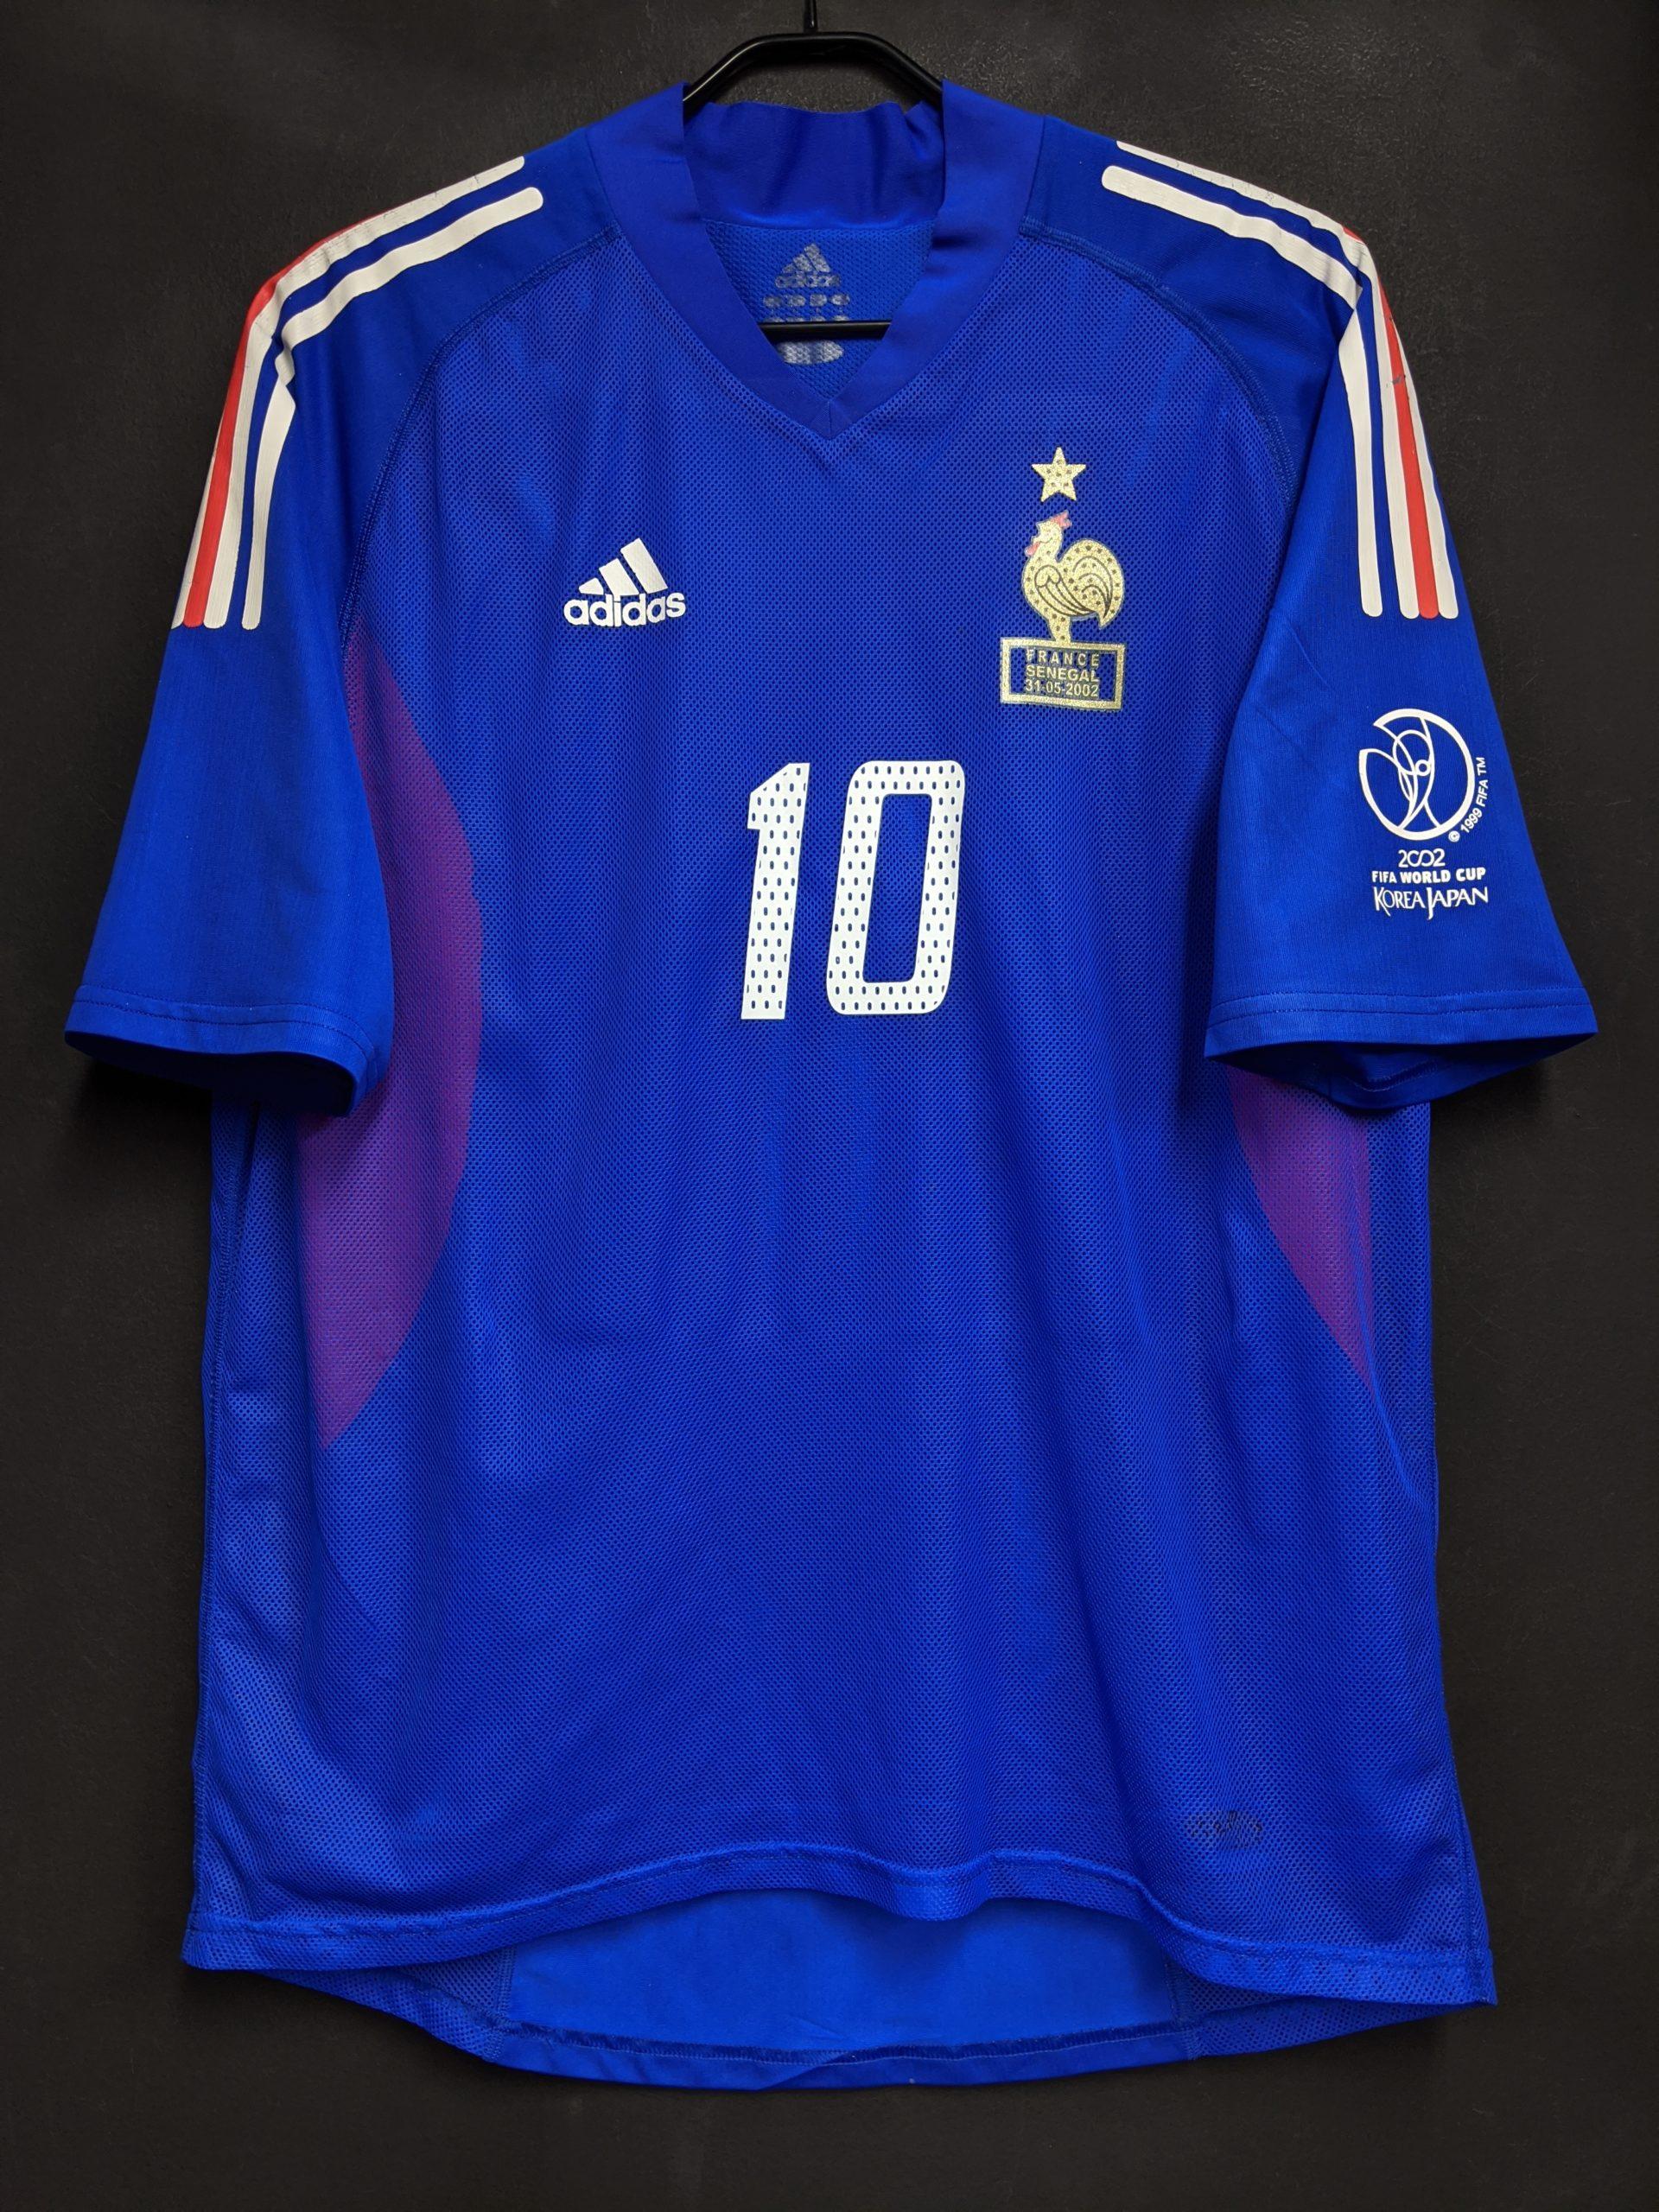 2002年フランス代表ワールドカップモデルの選手用モデル